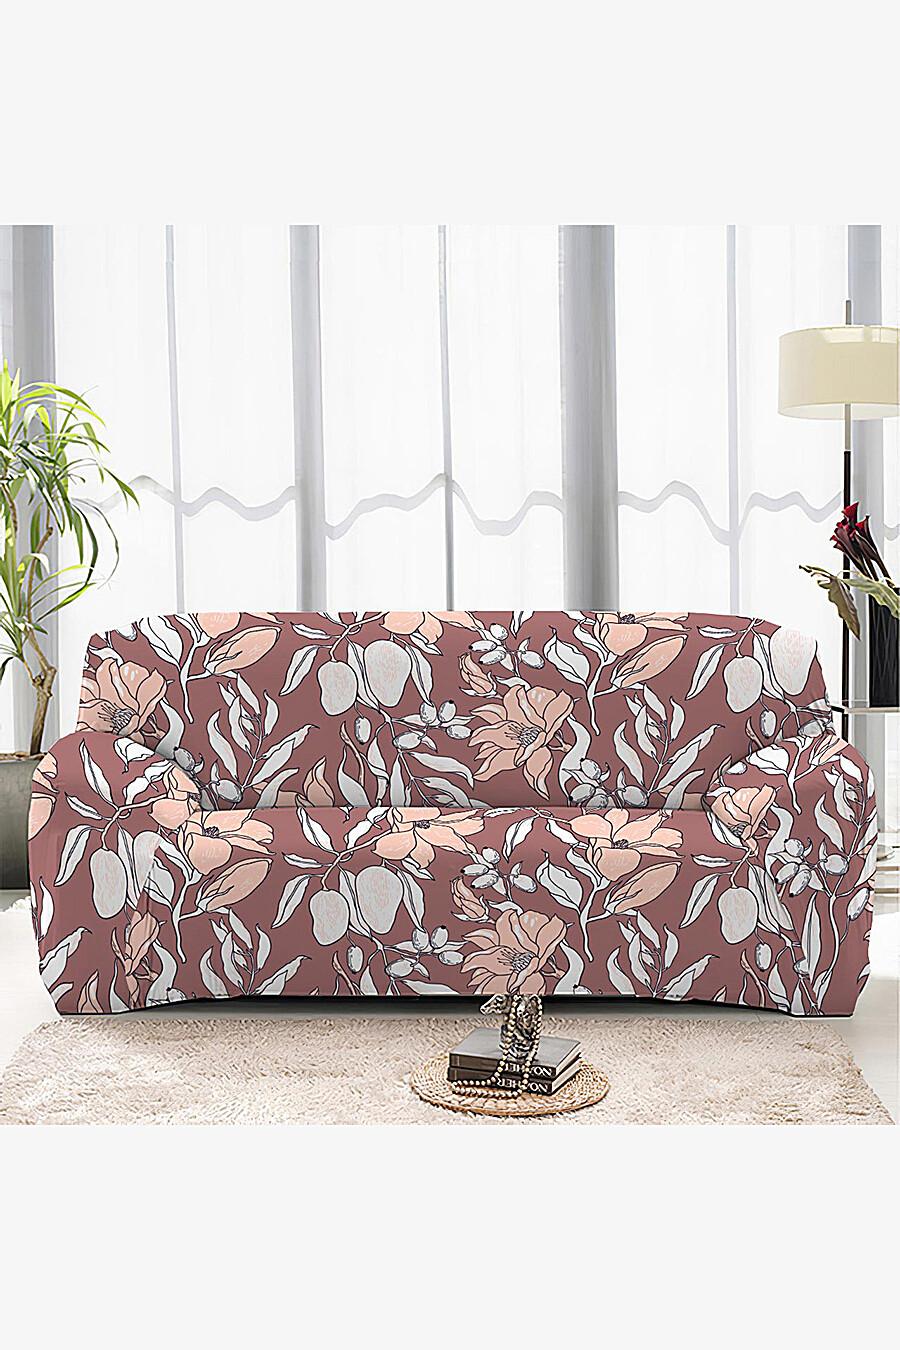 Чехол на диван для дома ART HOME TEXTILE 162963 купить оптом от производителя. Совместная покупка товаров для дома в OptMoyo